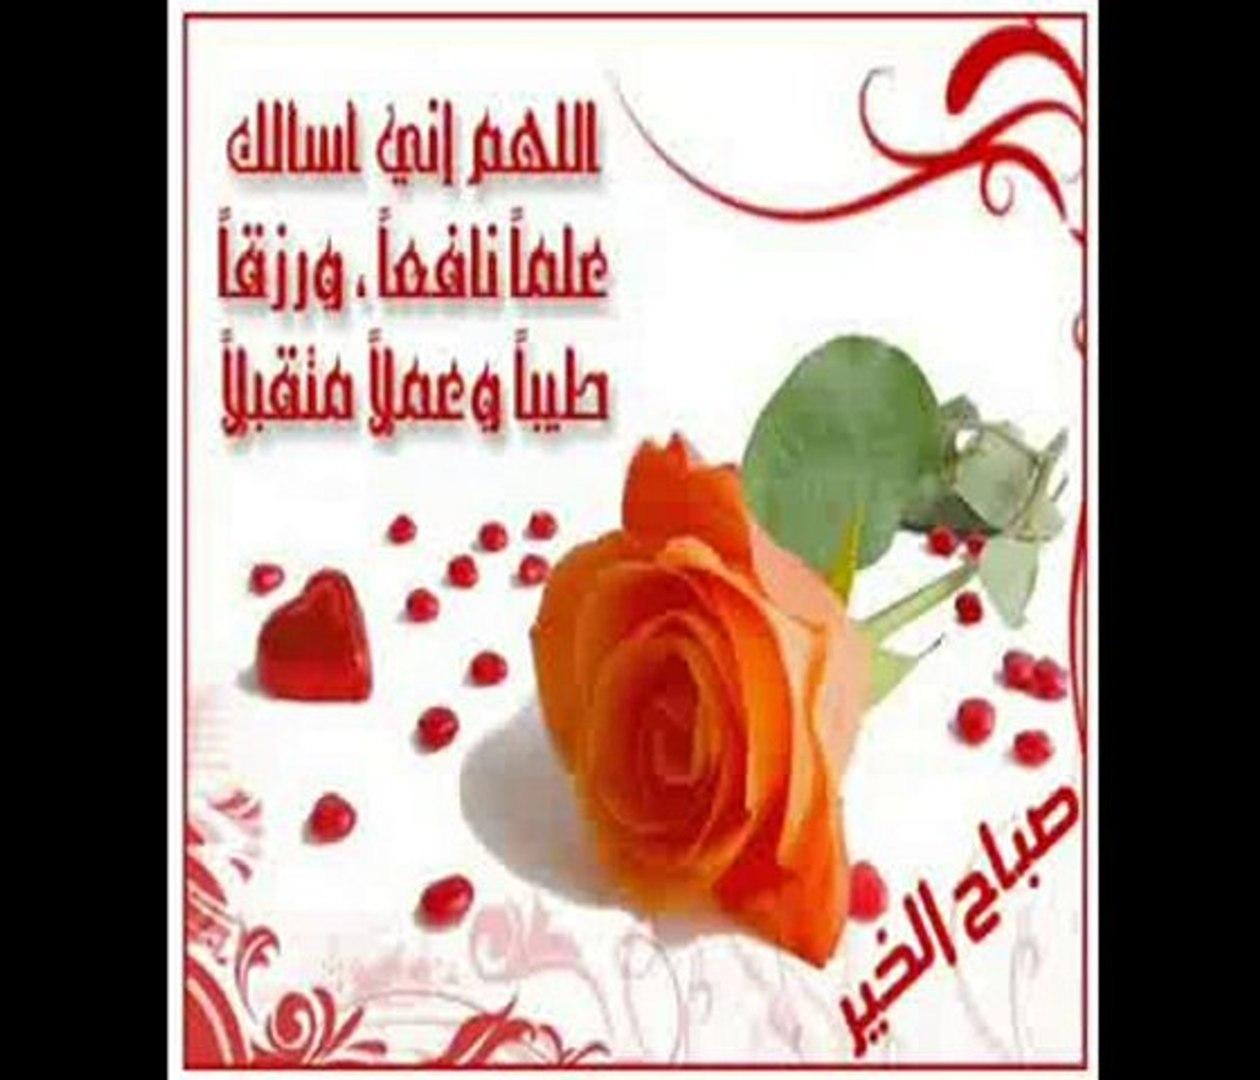 قران كريم - Quran karim